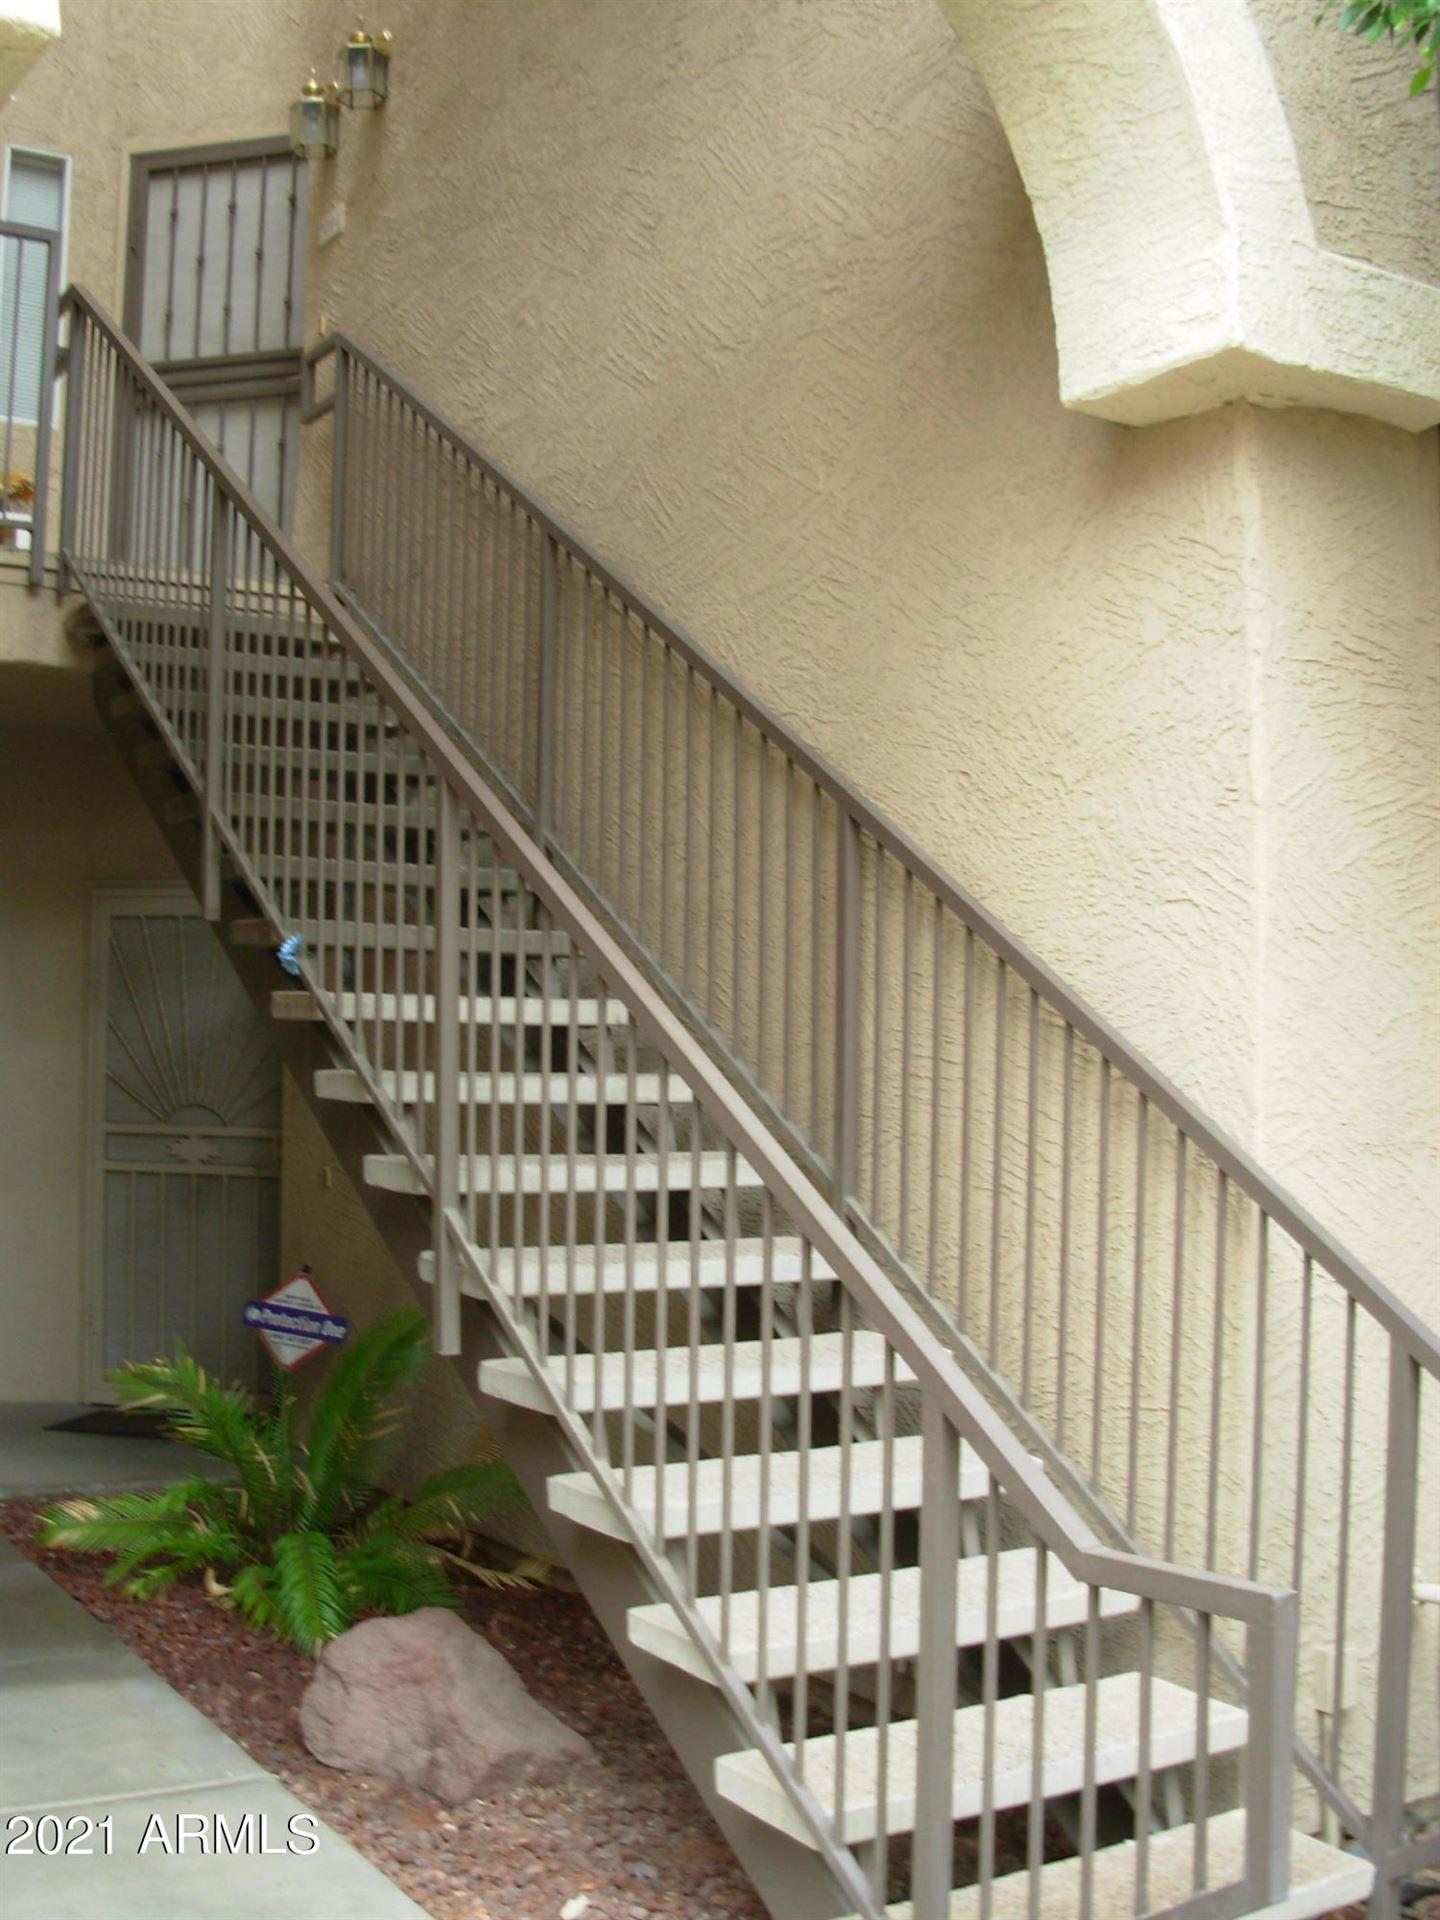 10410 N CAVE CREEK Road #2094, Phoenix, AZ 85020 - MLS#: 6269577